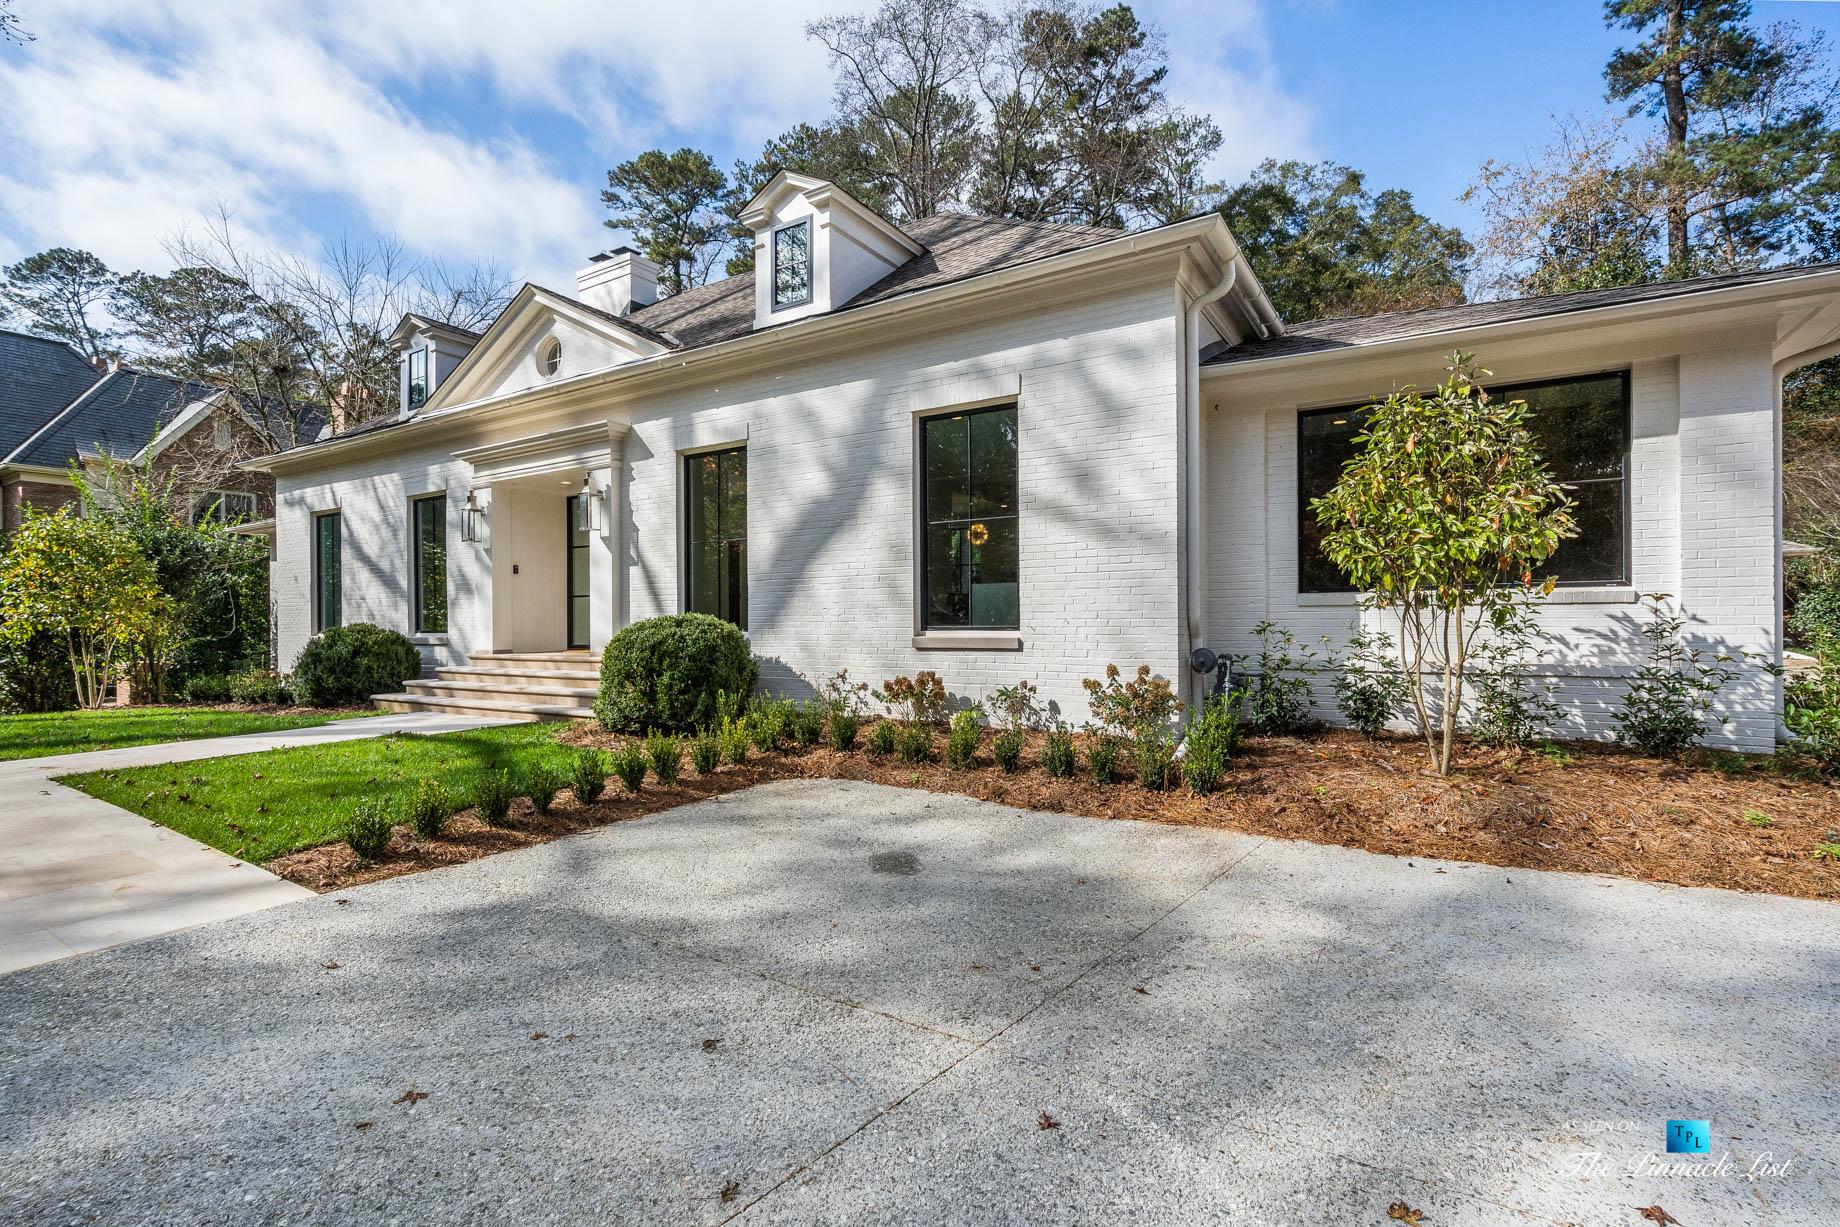 447 Valley Rd NW, Atlanta, GA, USA - Front Entrance Exterior - Luxury Real Estate - Tuxedo Park Home